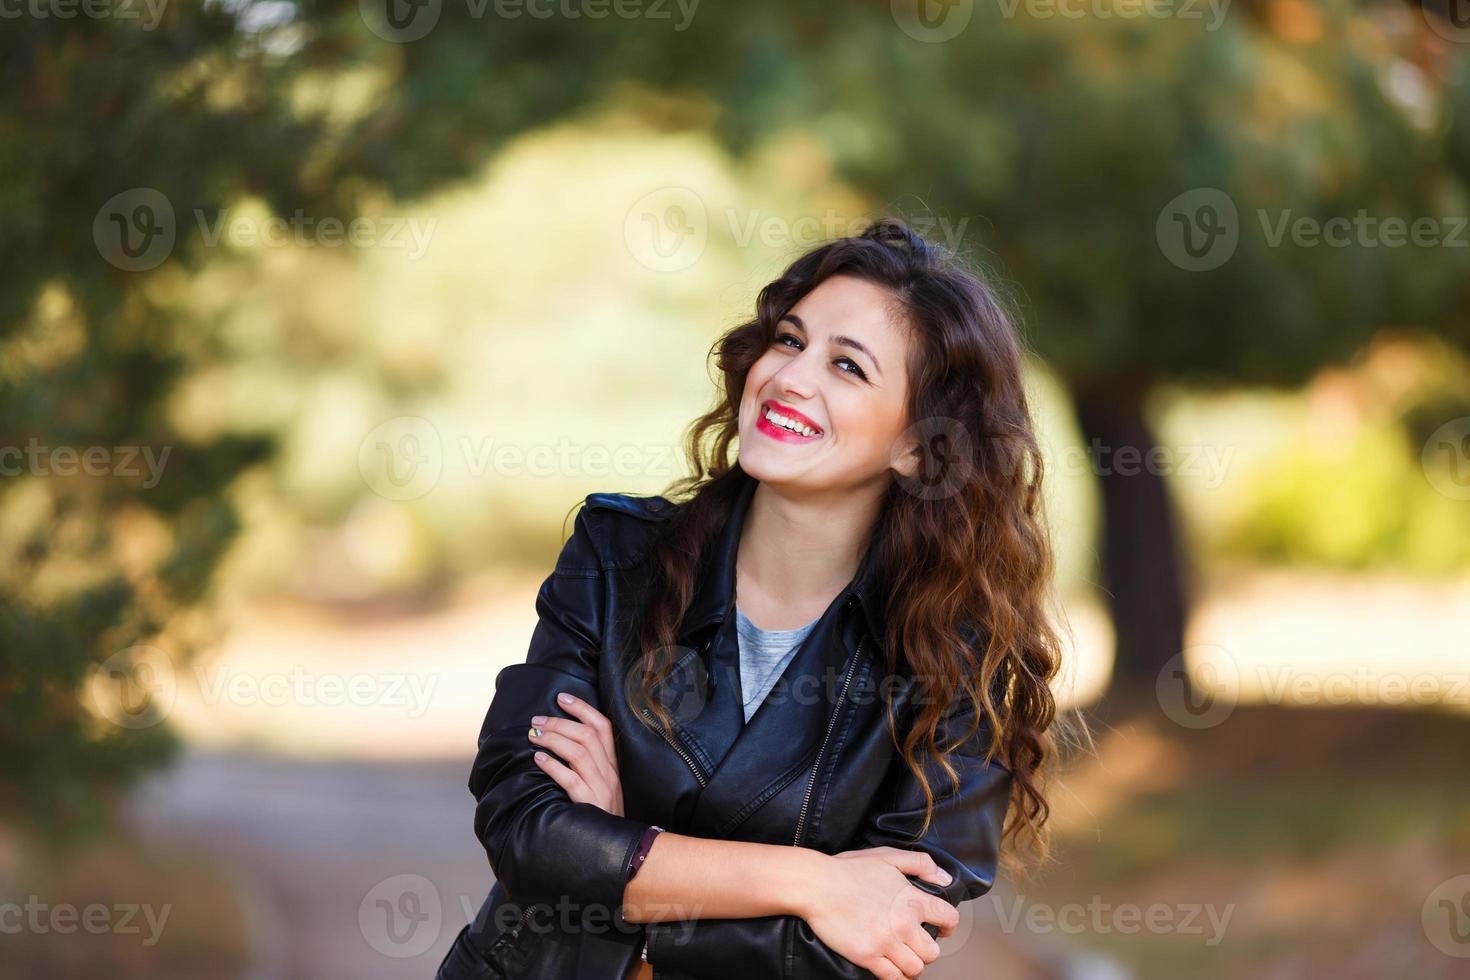 jeune femme souriante photo